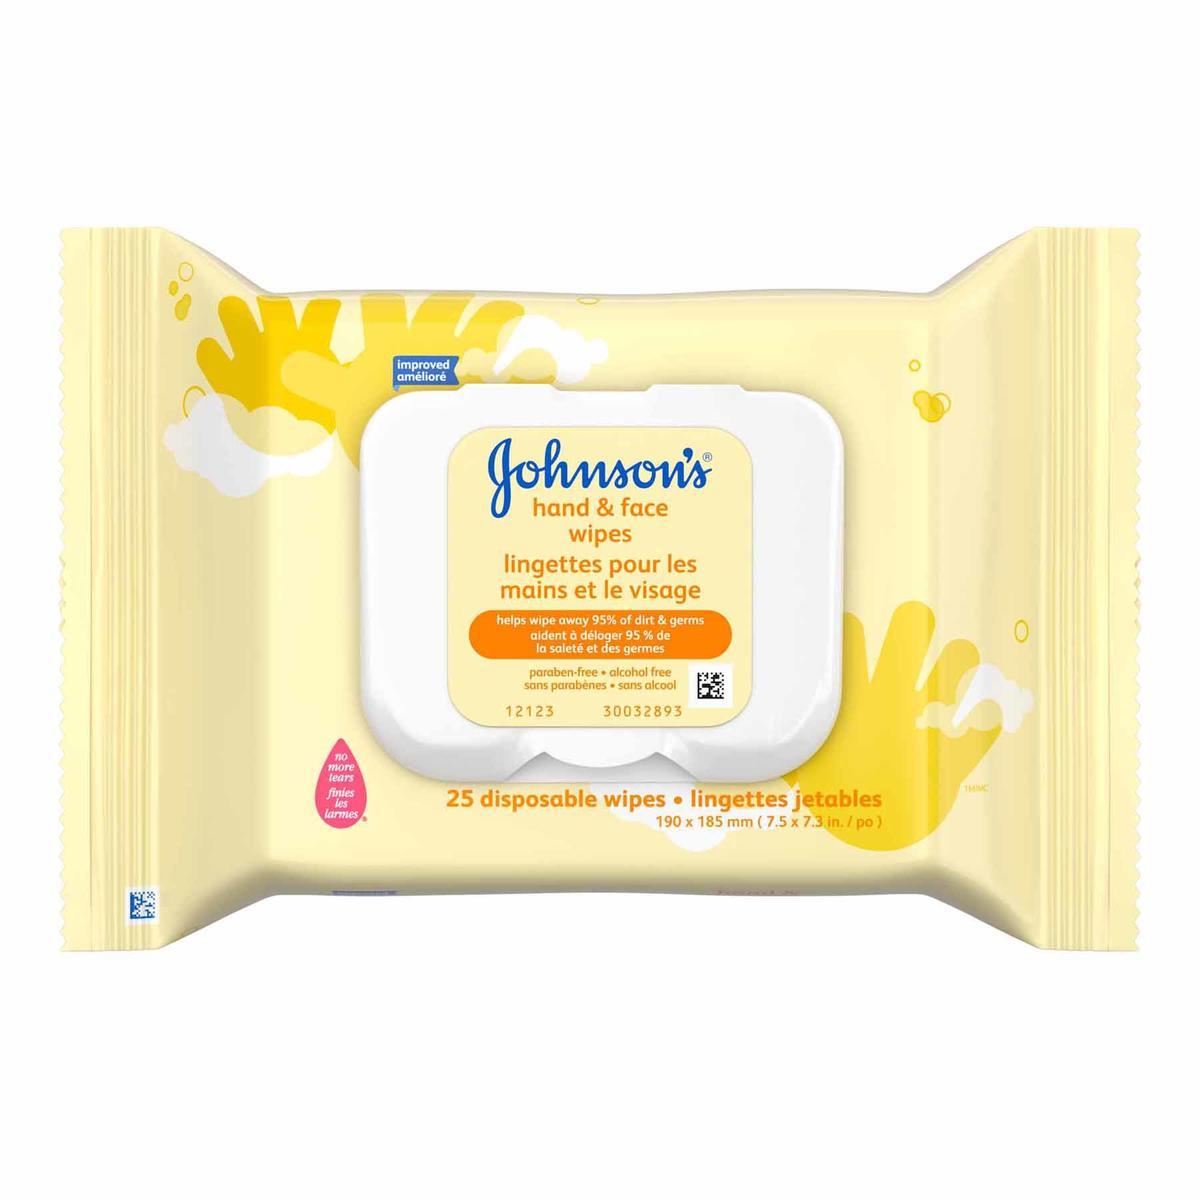 Lingettes pour les mains et le visage JOHNSON'S®